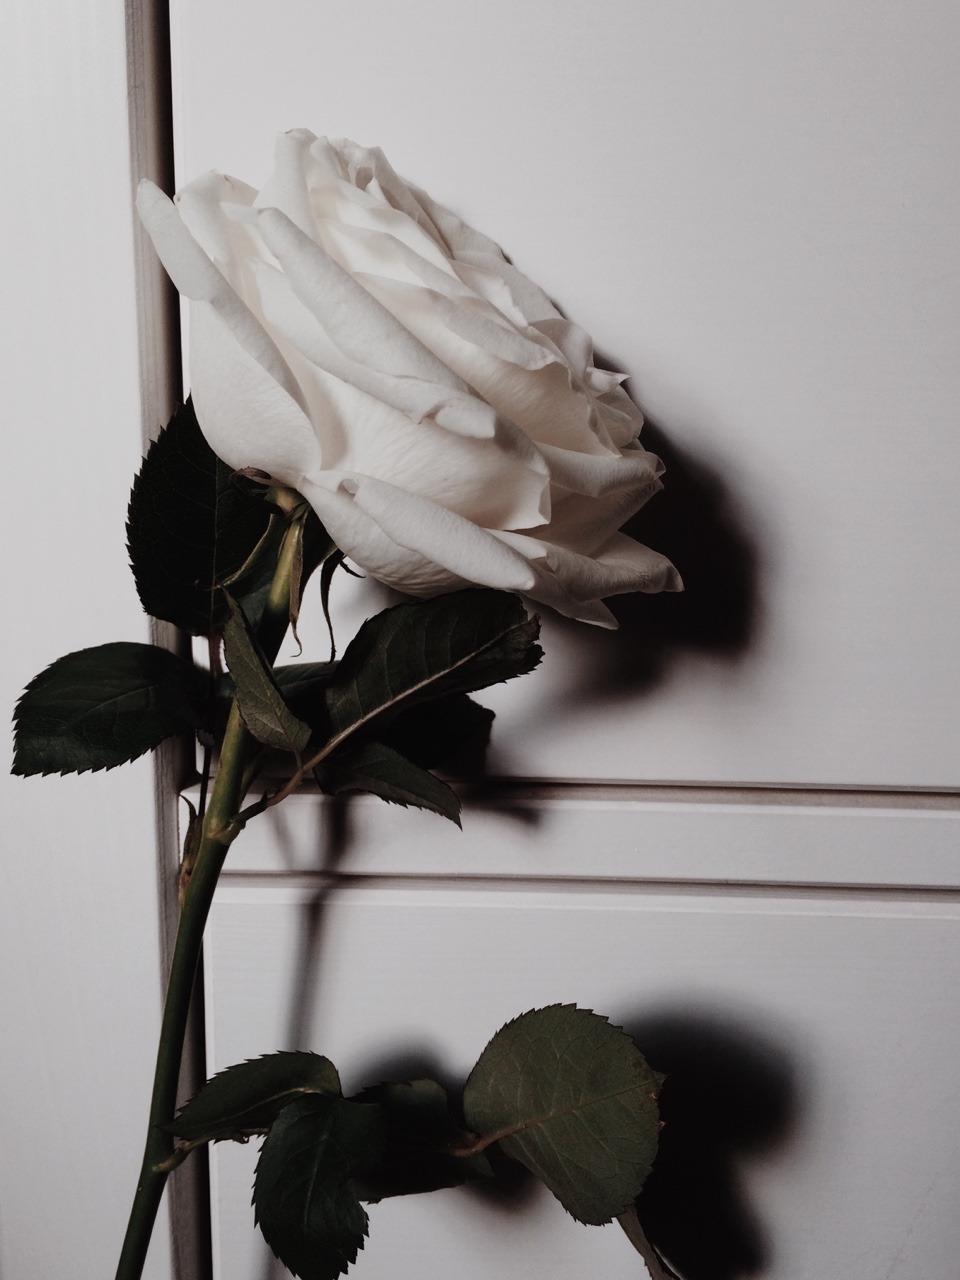 1 Likes Tumblr Mawar Putih Bunga Putih Mawar Cantik